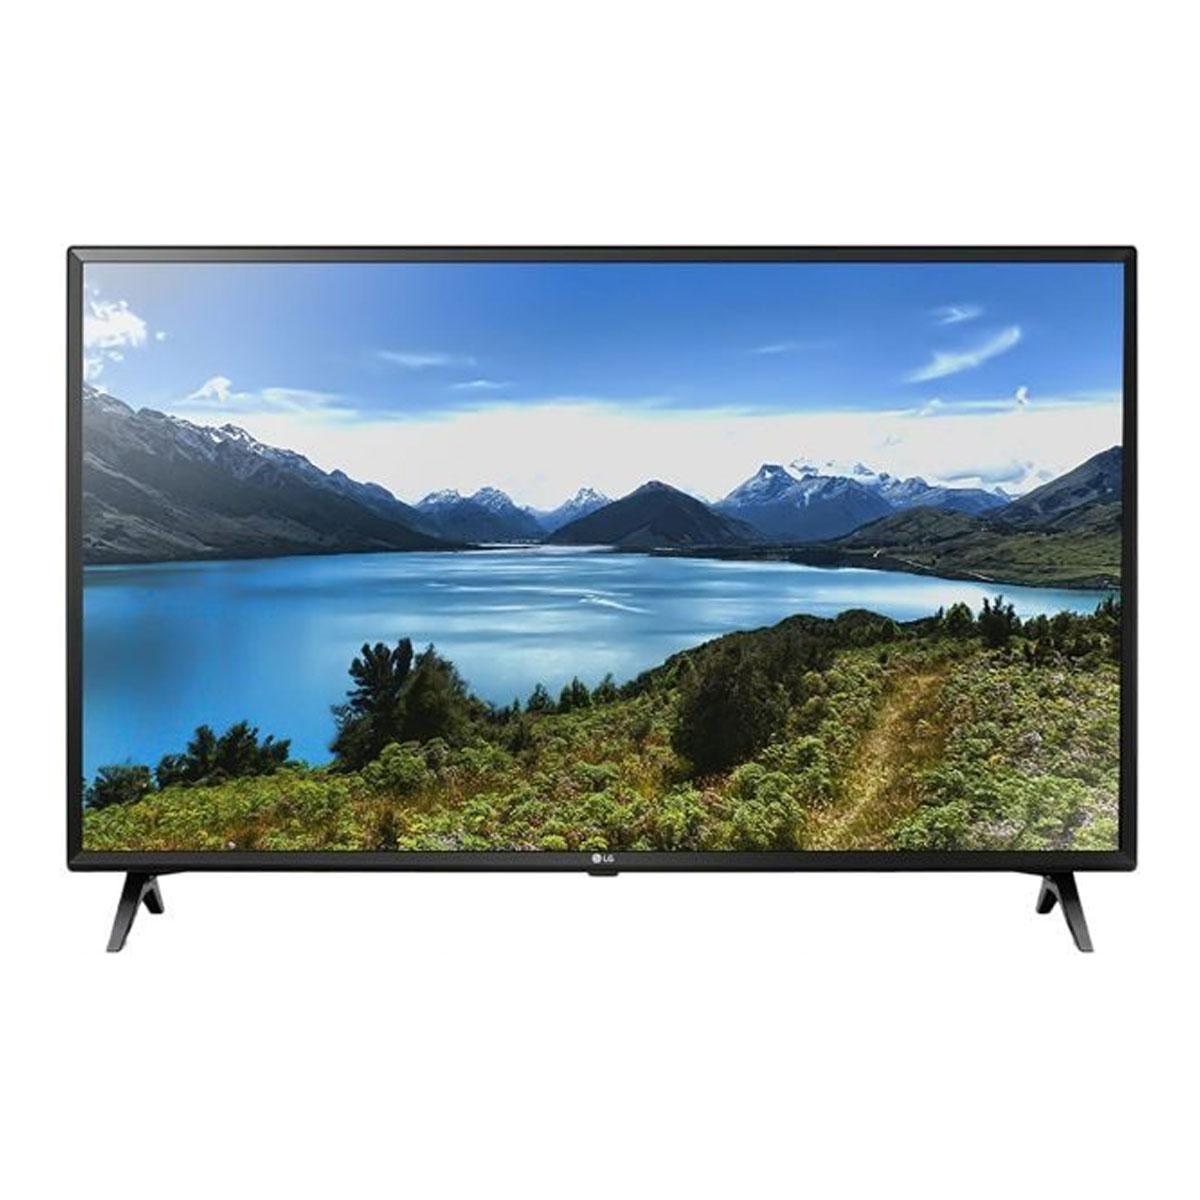 LG 49 Inch HD LED TV (49UM7340)